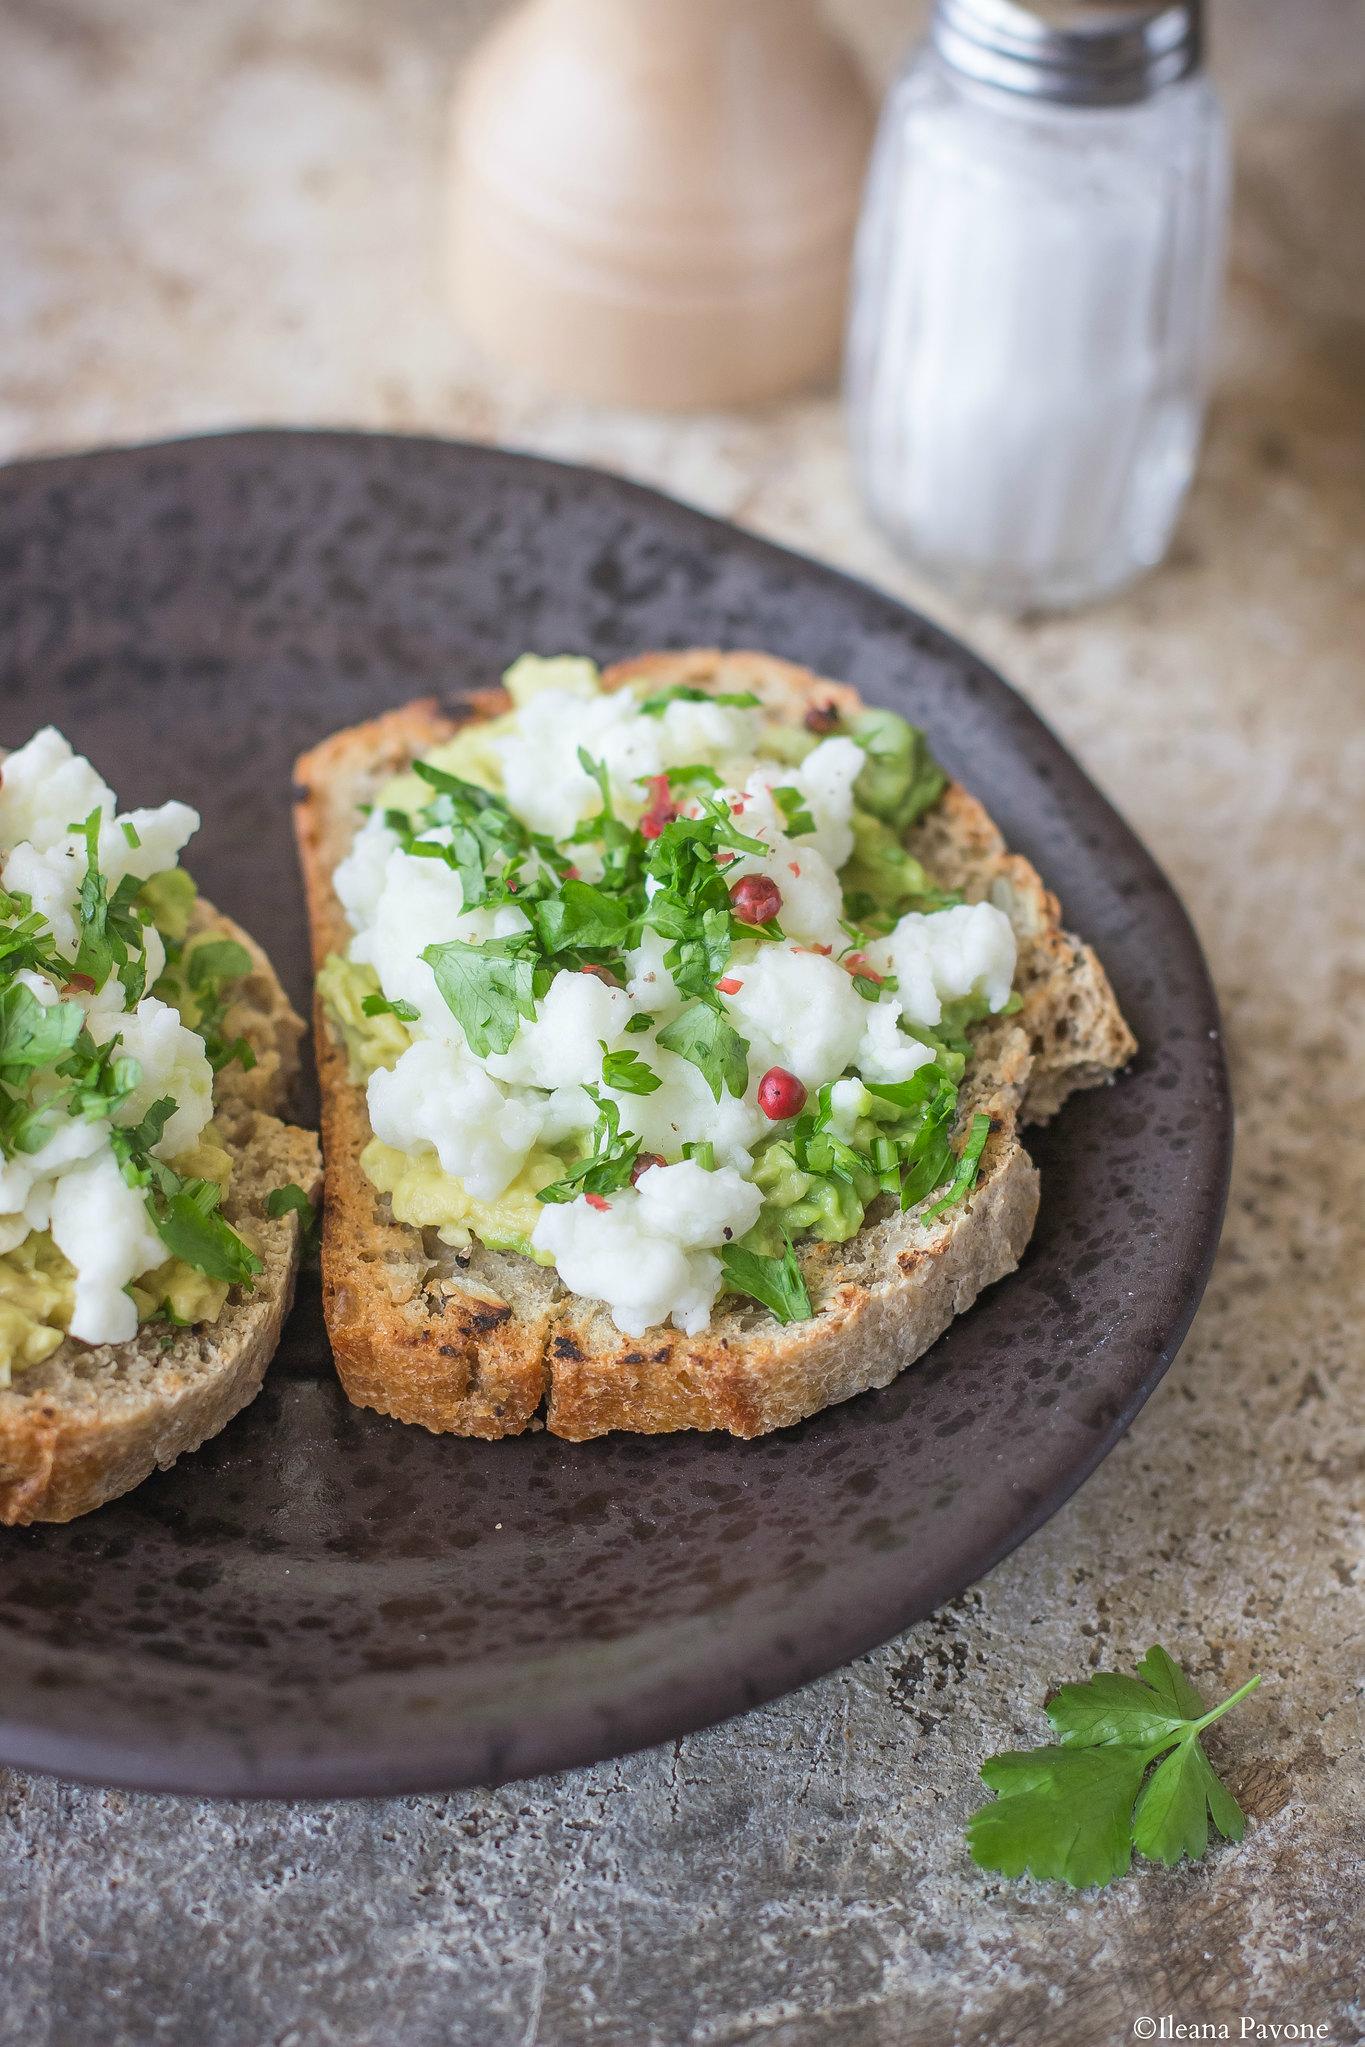 Famoso 3 idee per la colazione salata - facili, veloci e nutrienti EM33